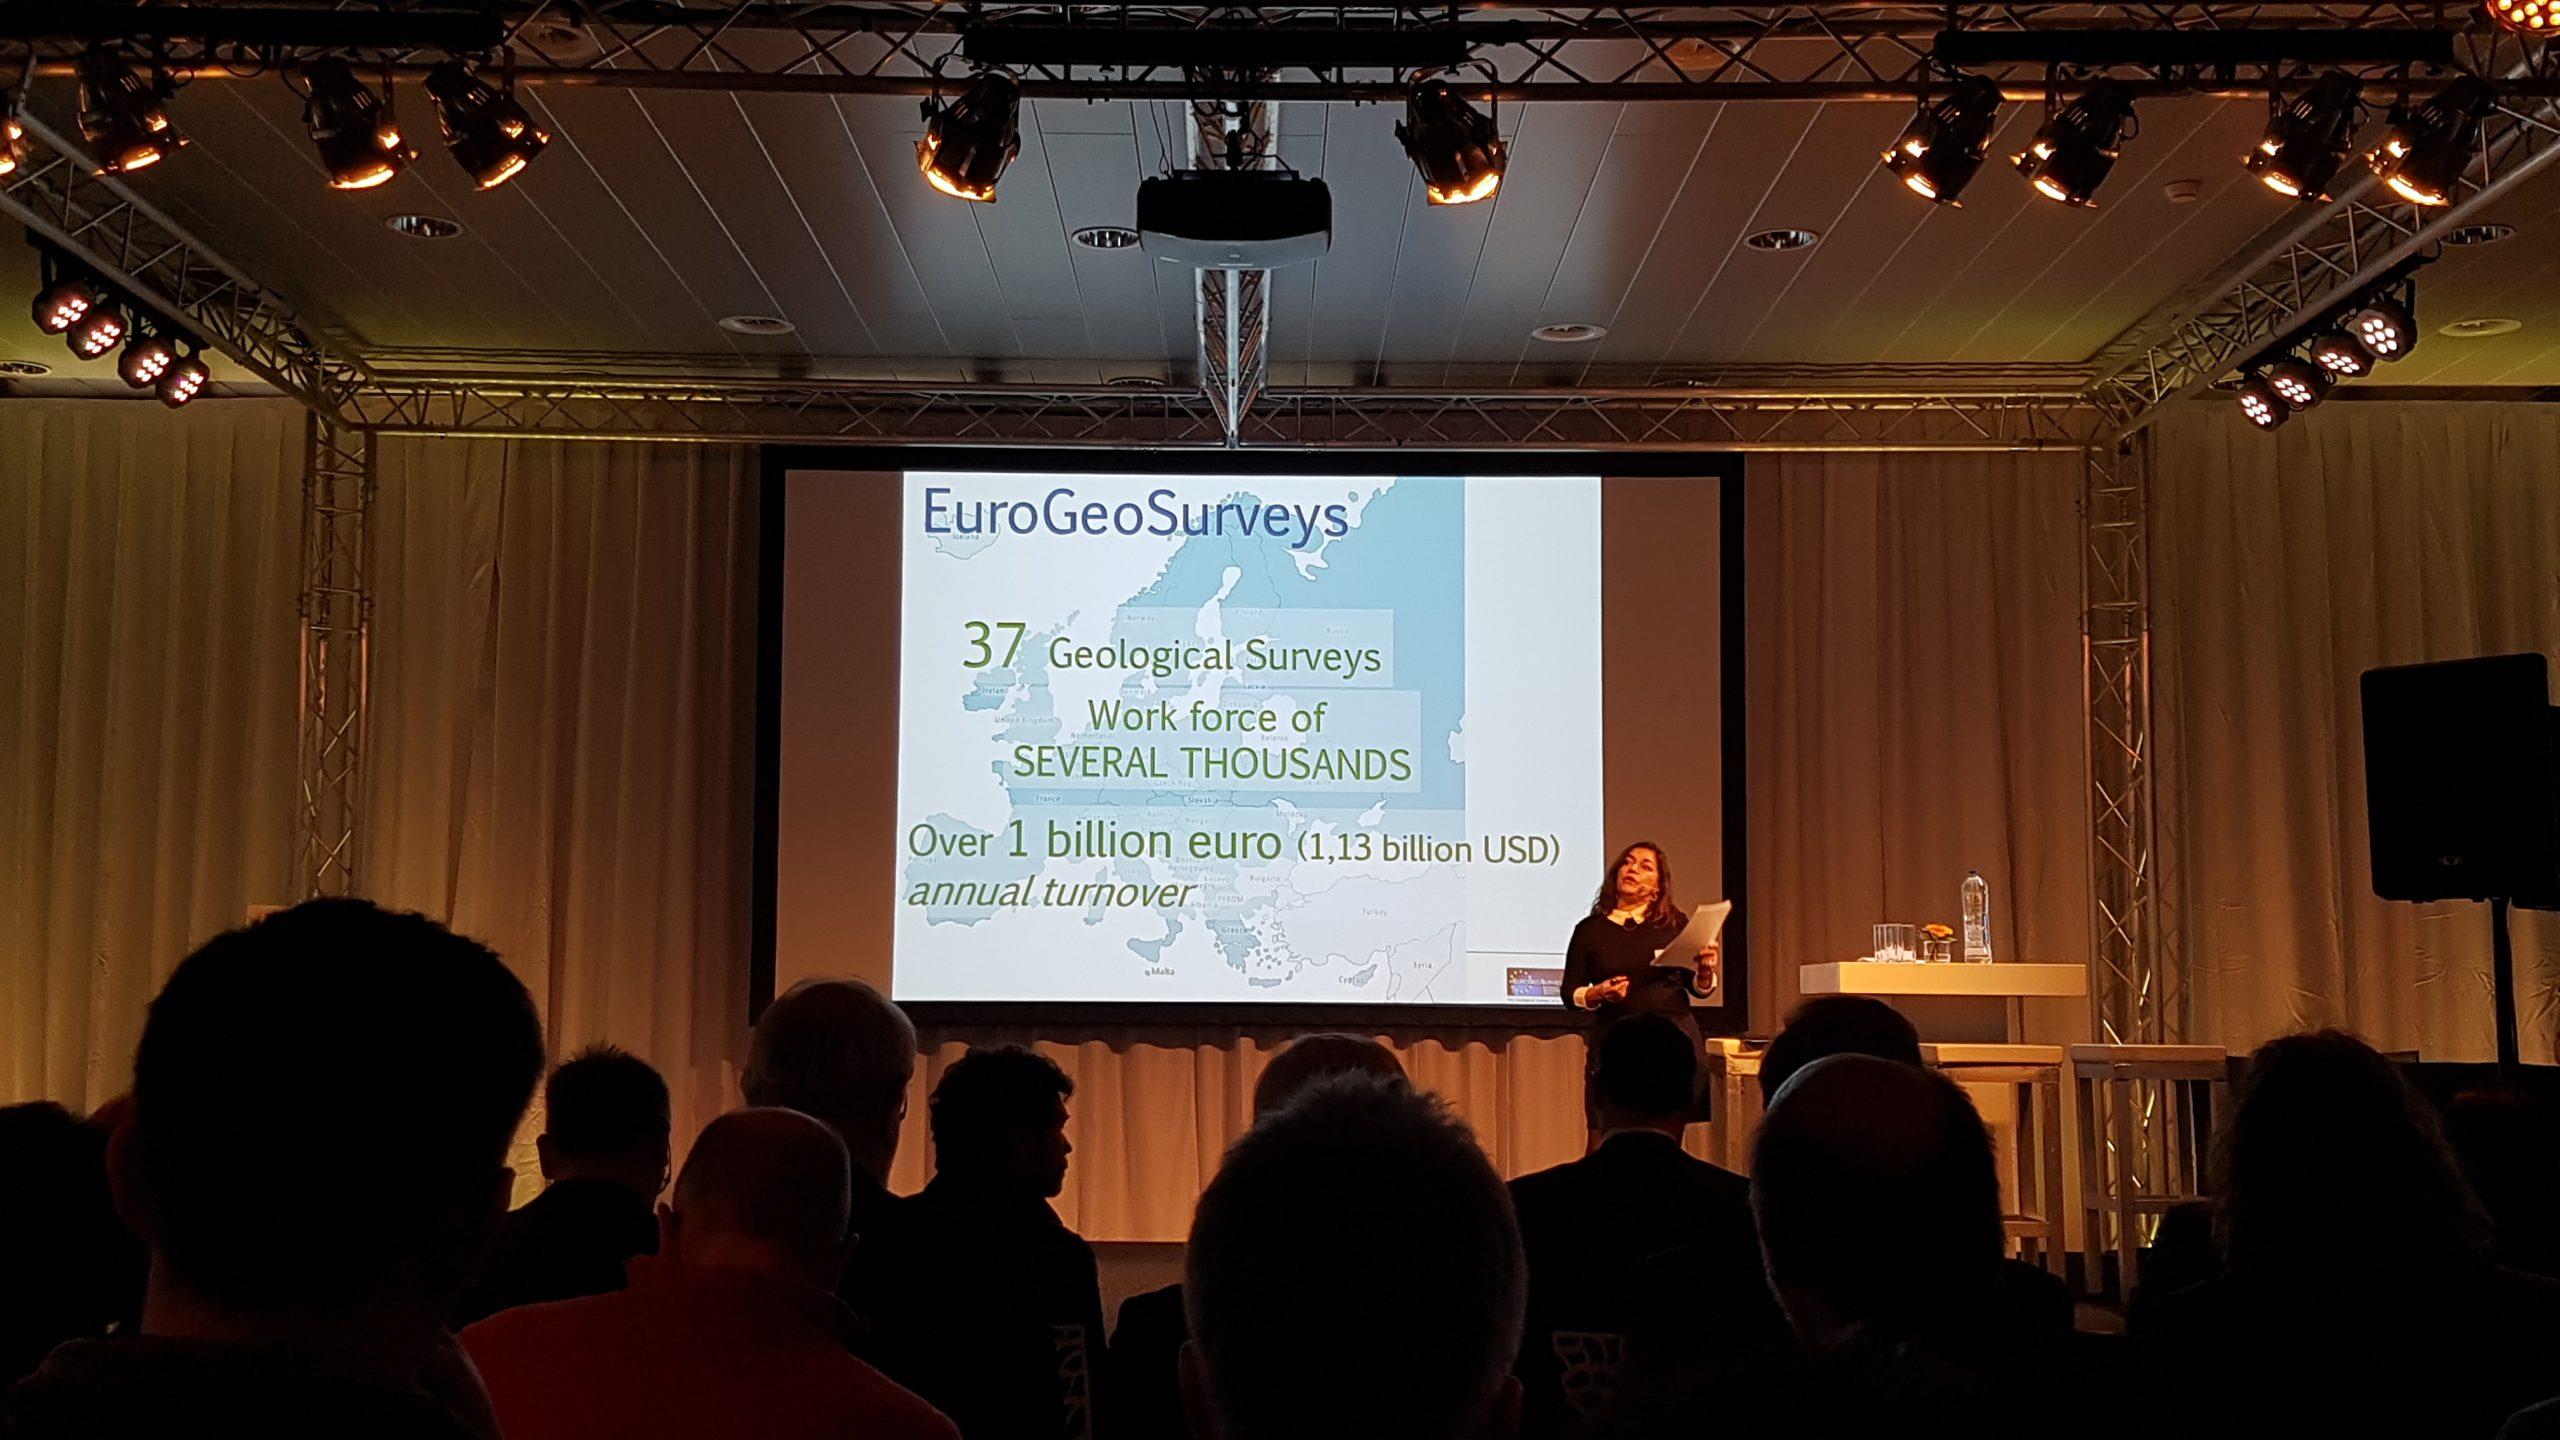 Slika 1. Gospođa Tereza Ponce de Leão, predsjednica Izvršnog odbora EuroGeoSurveys-a, u uvodnom govoru predstavlja projekt GeoERA.